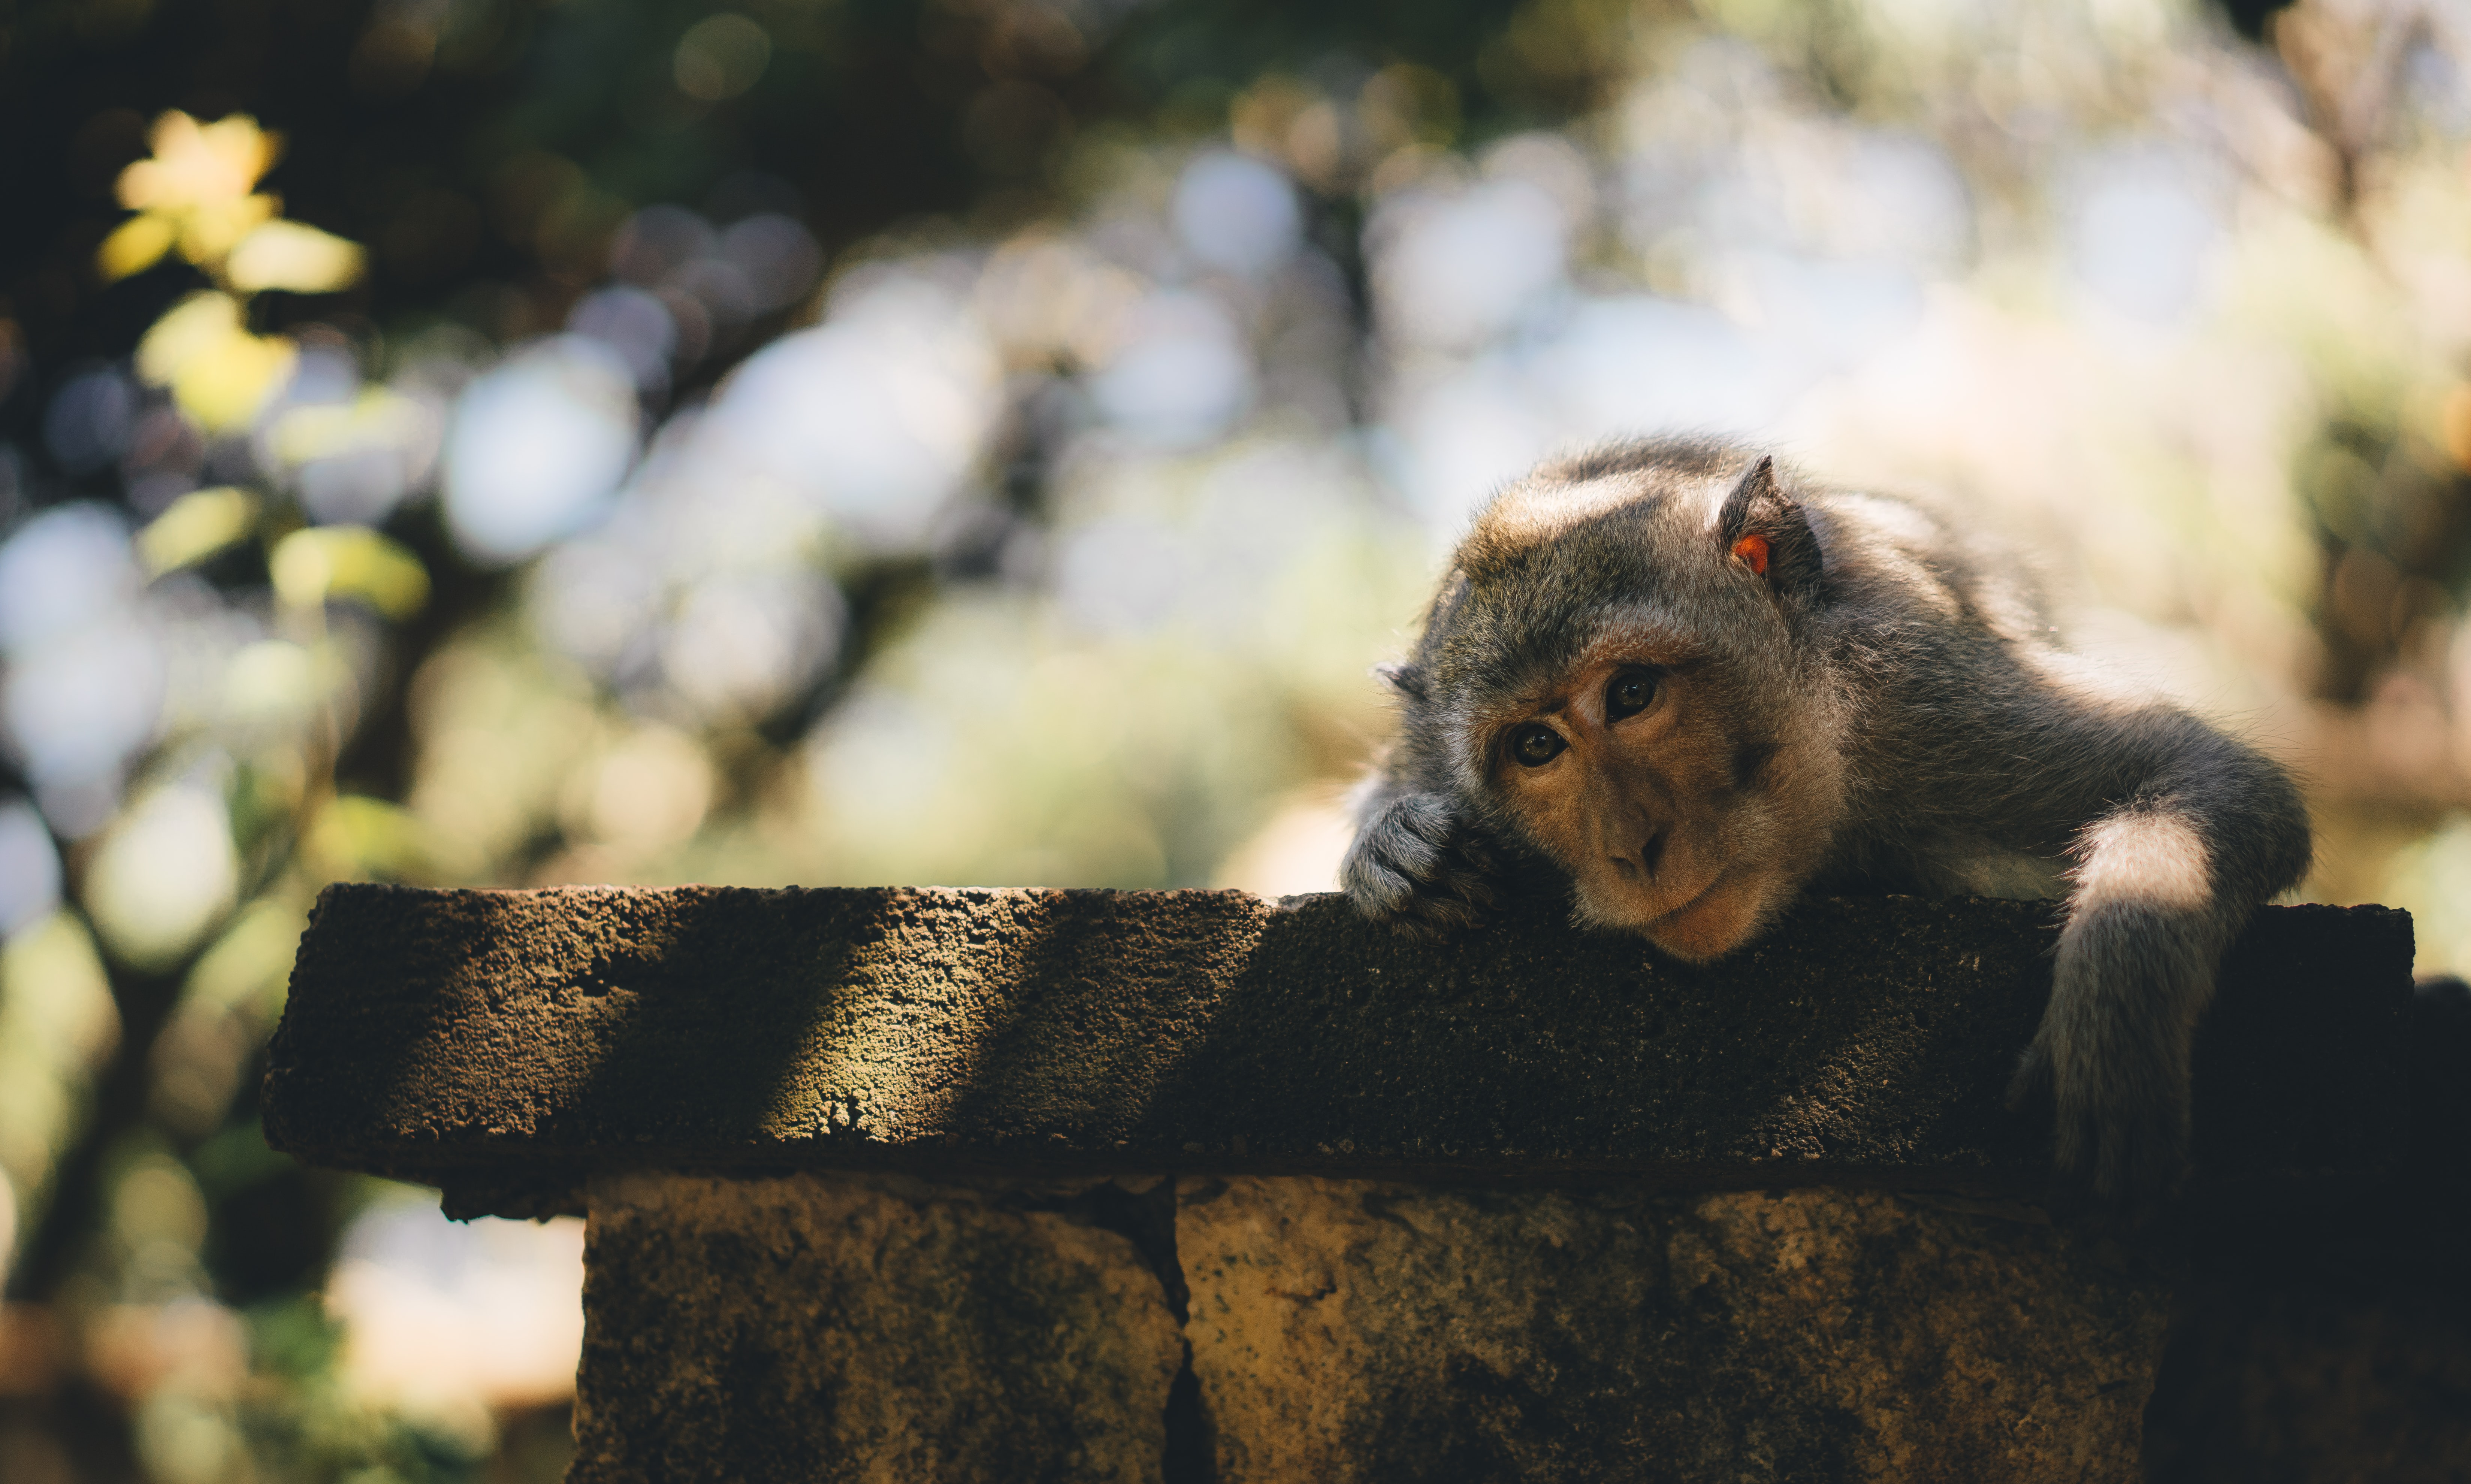 decorative image of lonely monkey